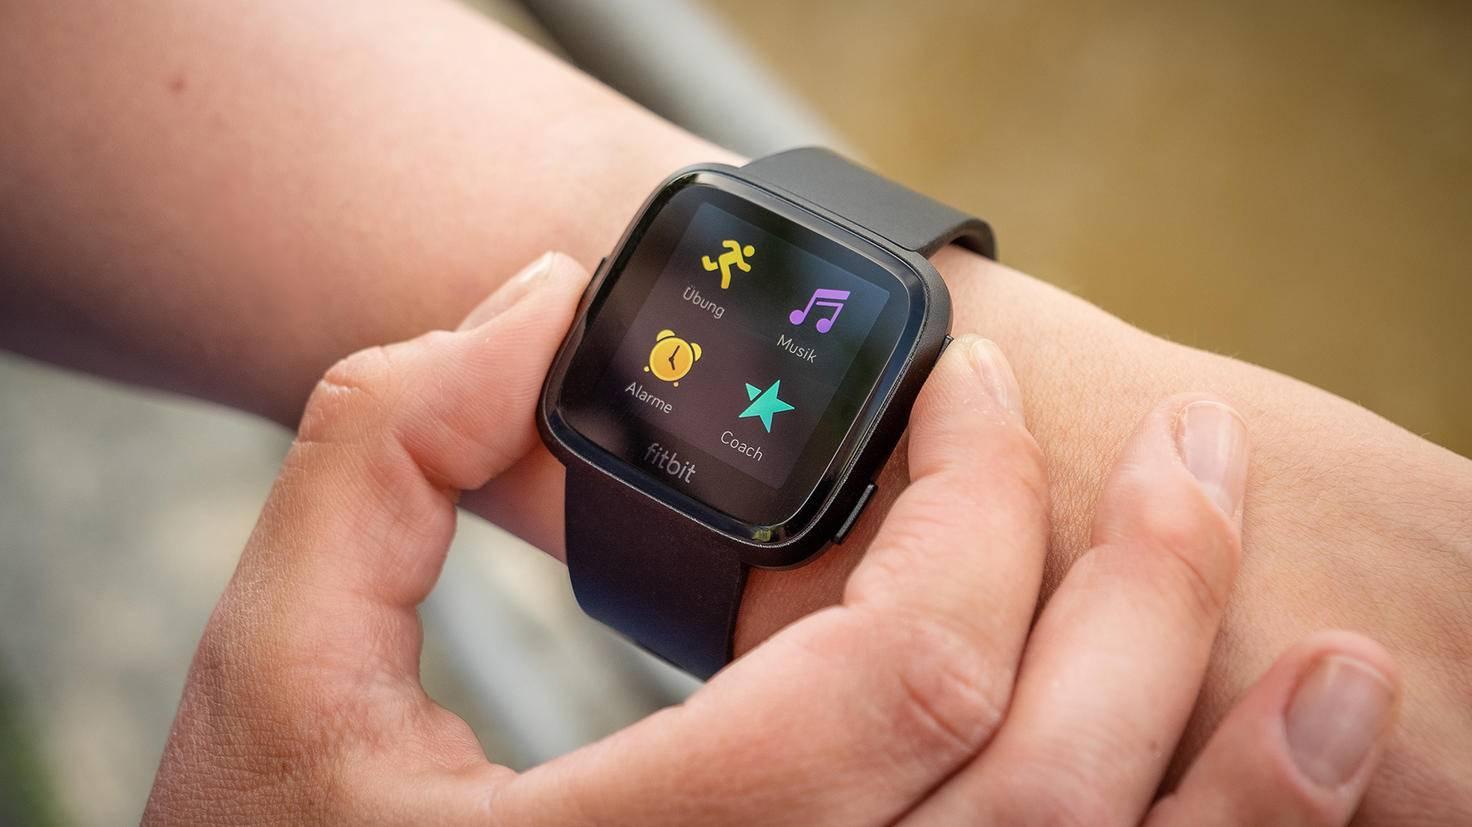 Drei Knöpfe unterstützen bei der Navigation der Fitbit Versa.